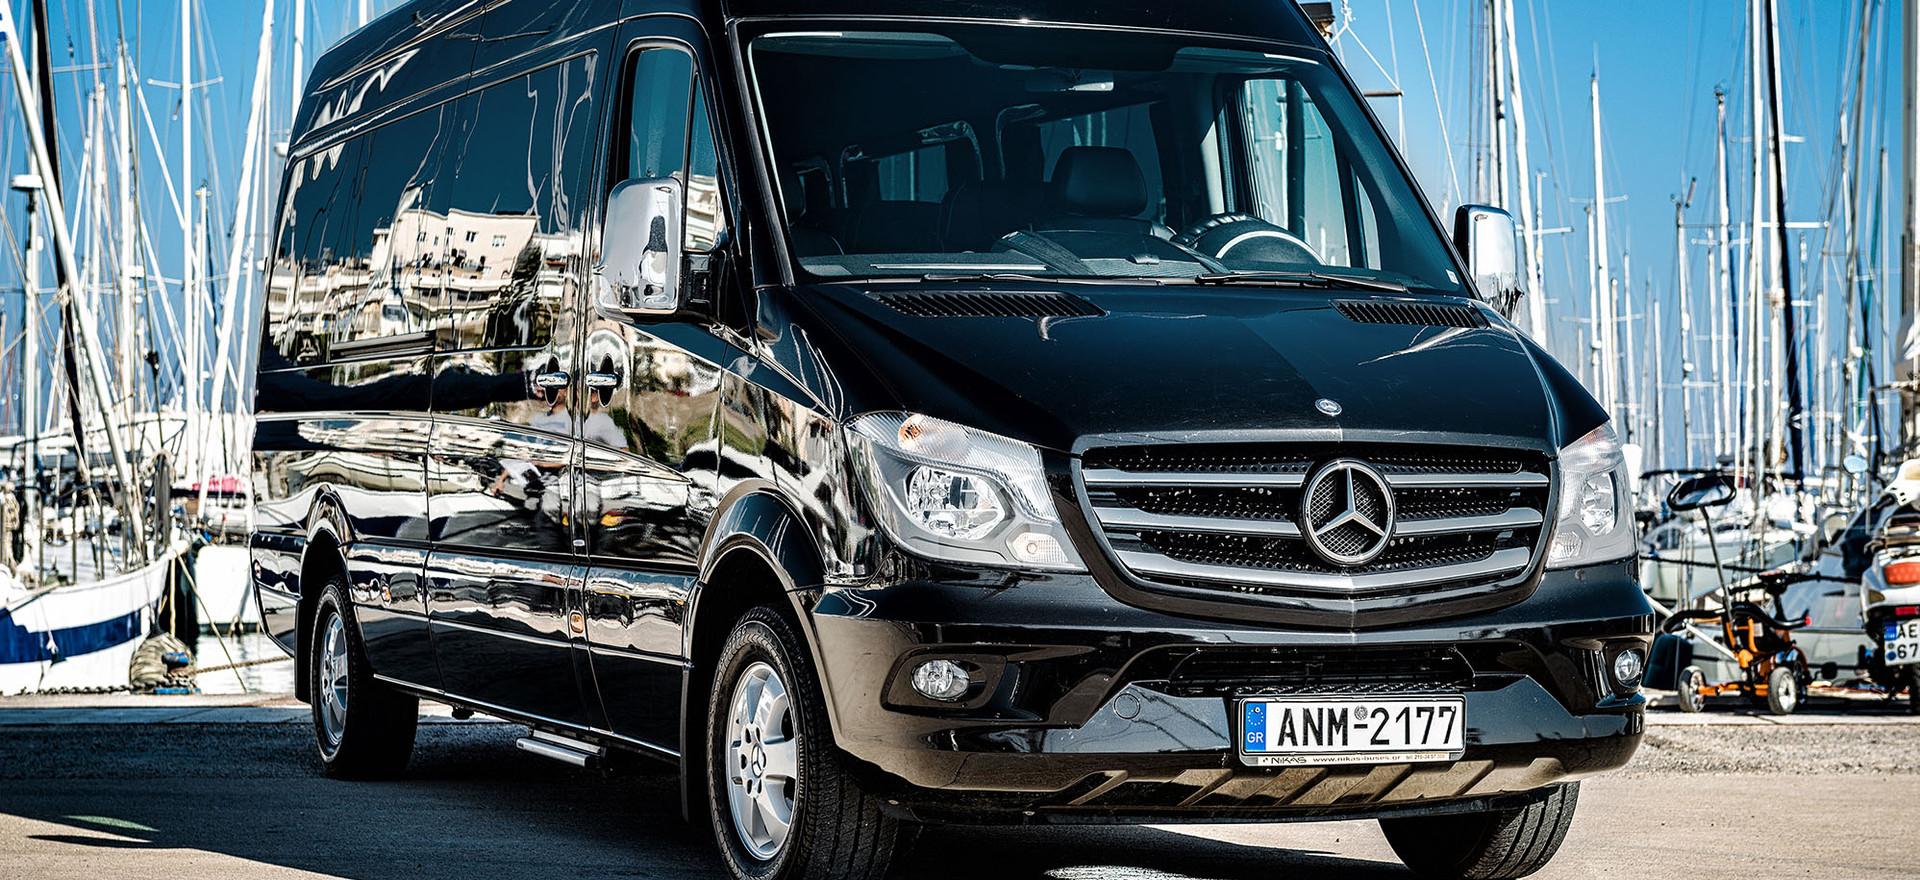 Luxury Transfers in Crete, Transfers in Crete